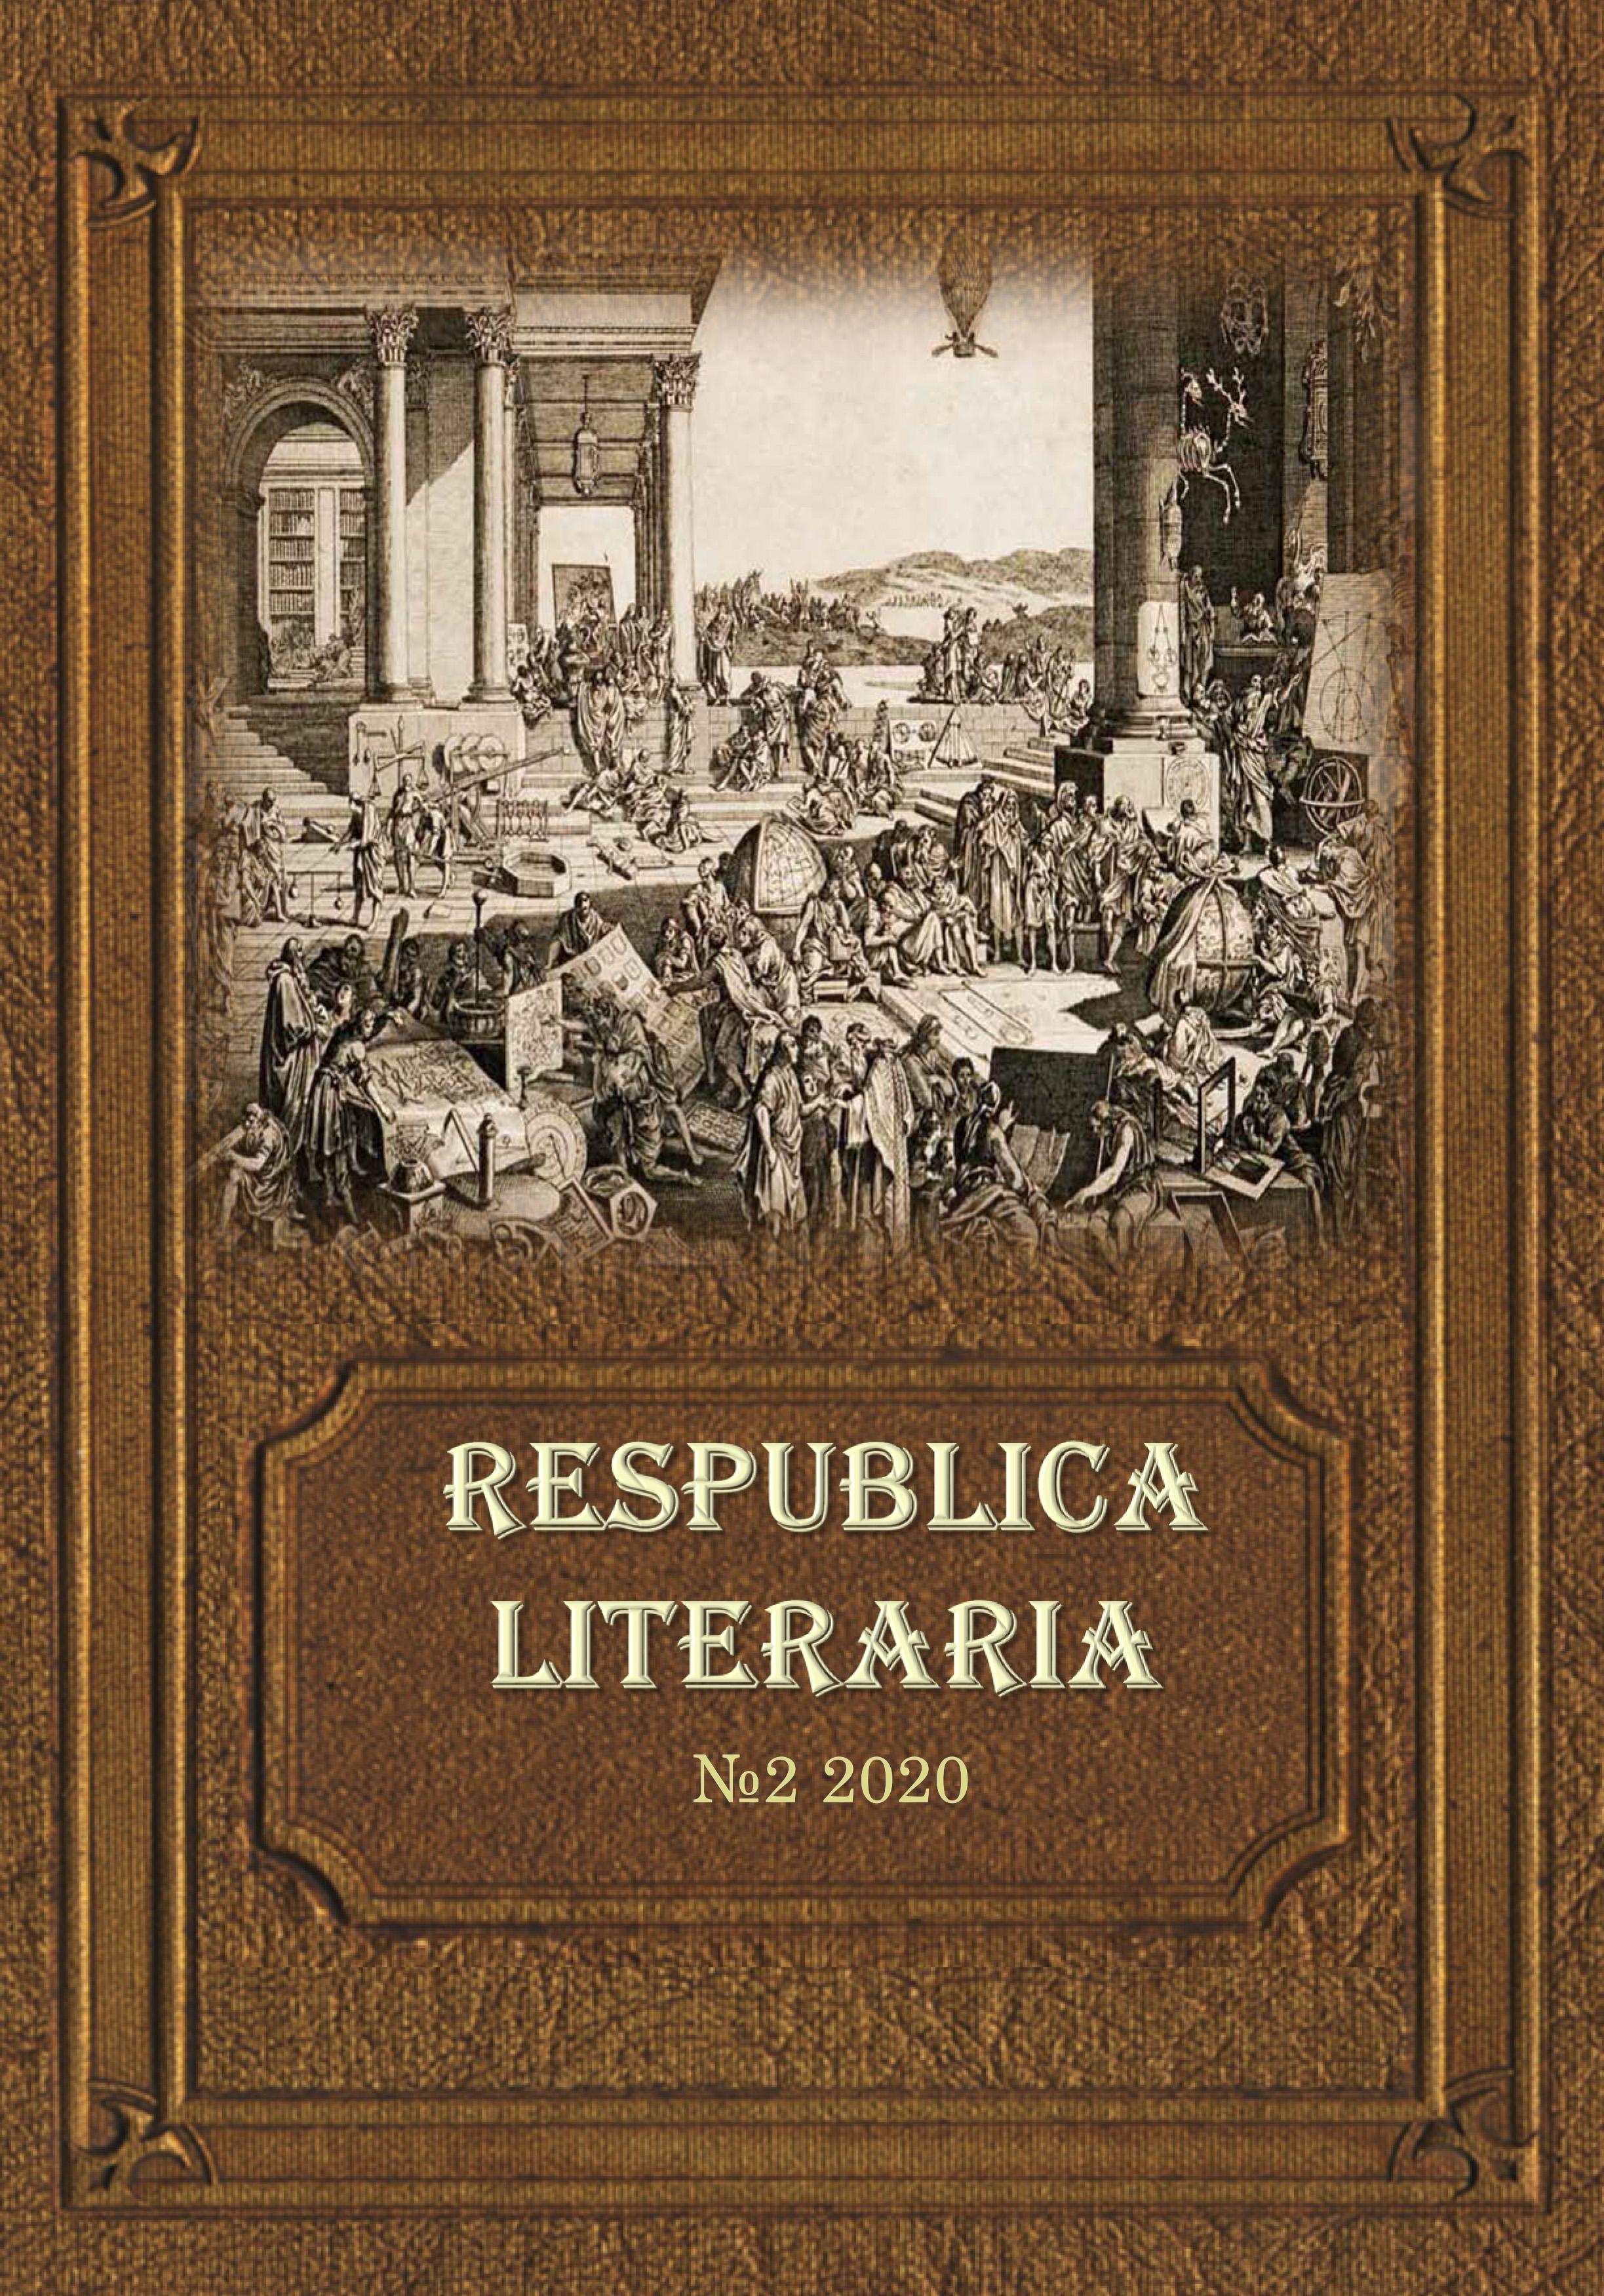 Показать Том 1 № 2 (2020): Respublica Literaria. 2020. Т. 1. № 2.